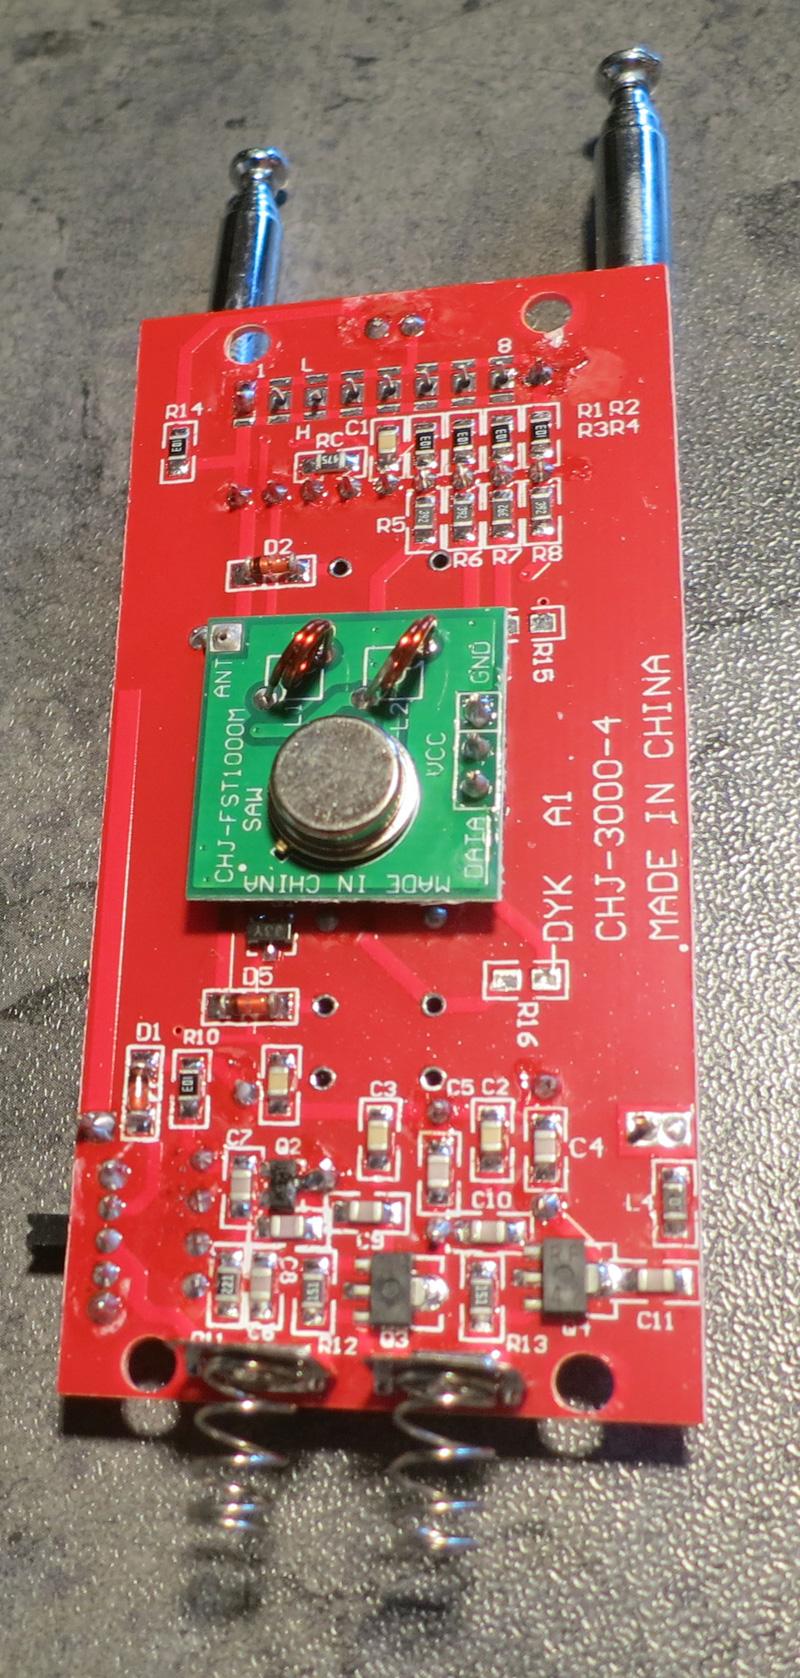 Circuit imprimé du brouilleur, deuxième face